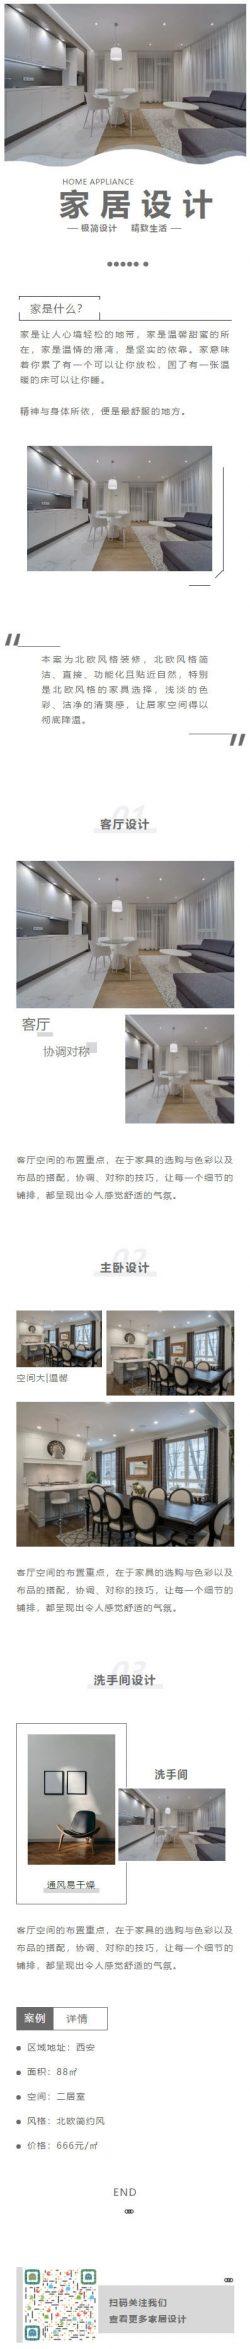 家居设计家装房屋装修设计微信模板公众号推文模板推送图文消息素材